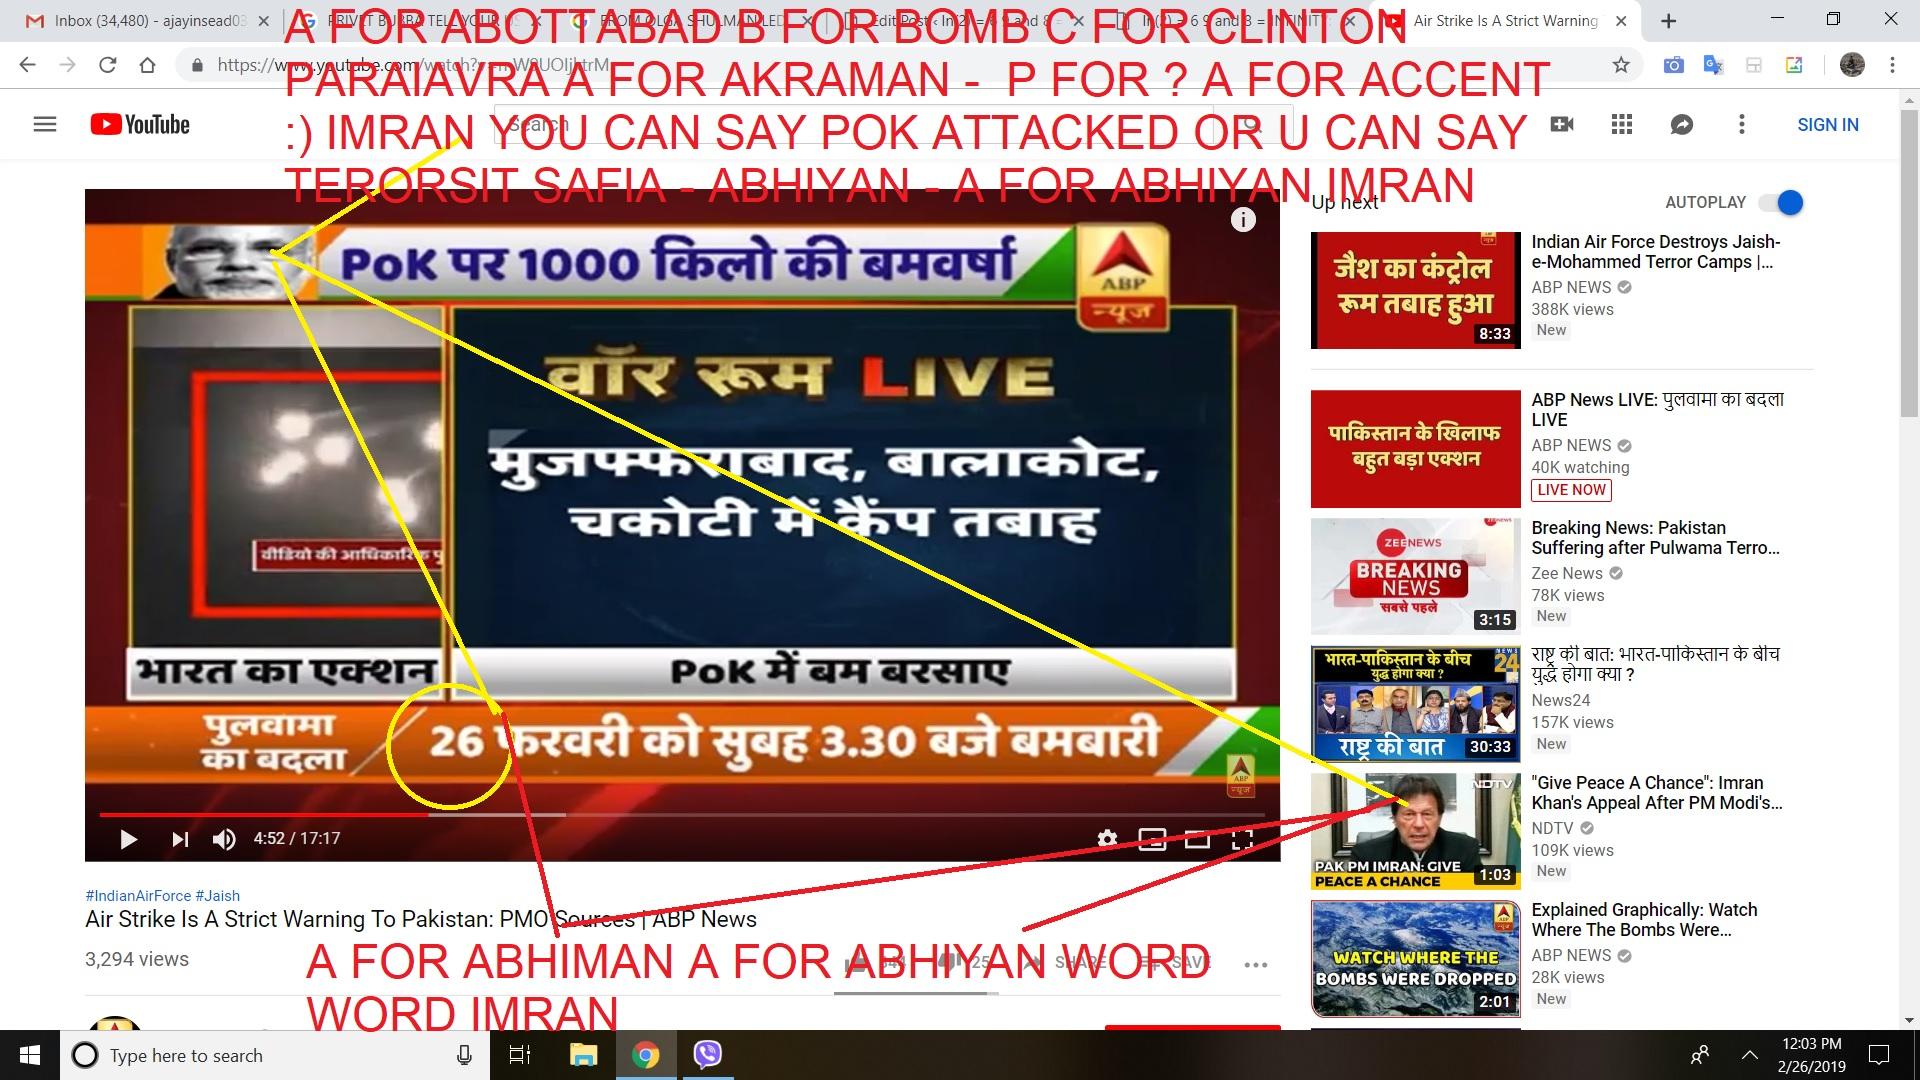 A FOR ABHIYAN A FOR ABHIMAN WORD HEAR IMRAN